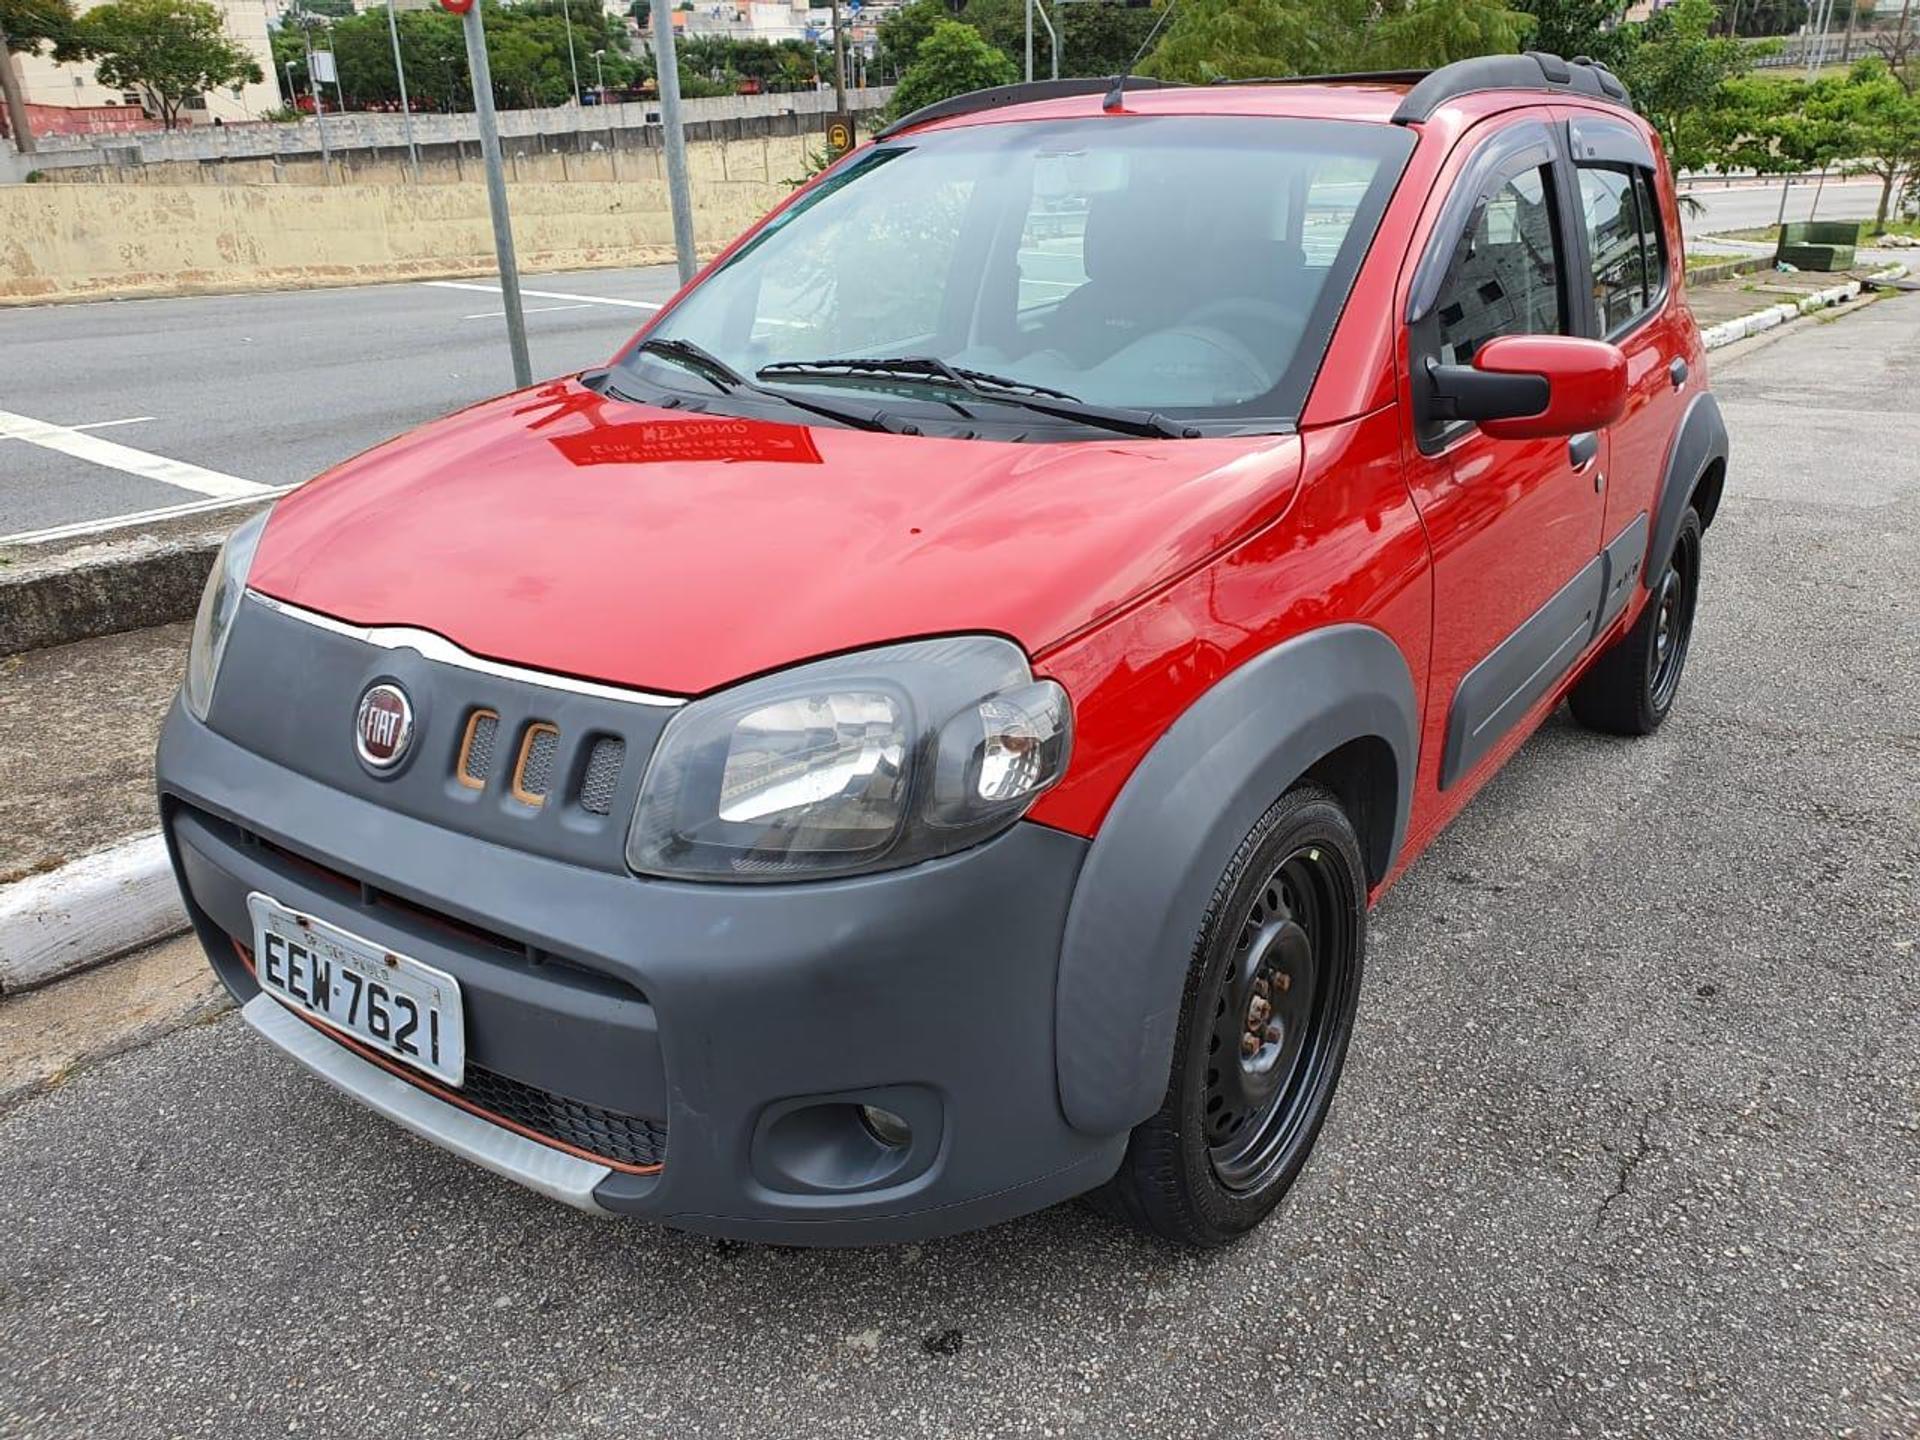 Fiat Uno 1.0 Evo Way 8v Flex 4p Manual Wmimagem08594713145